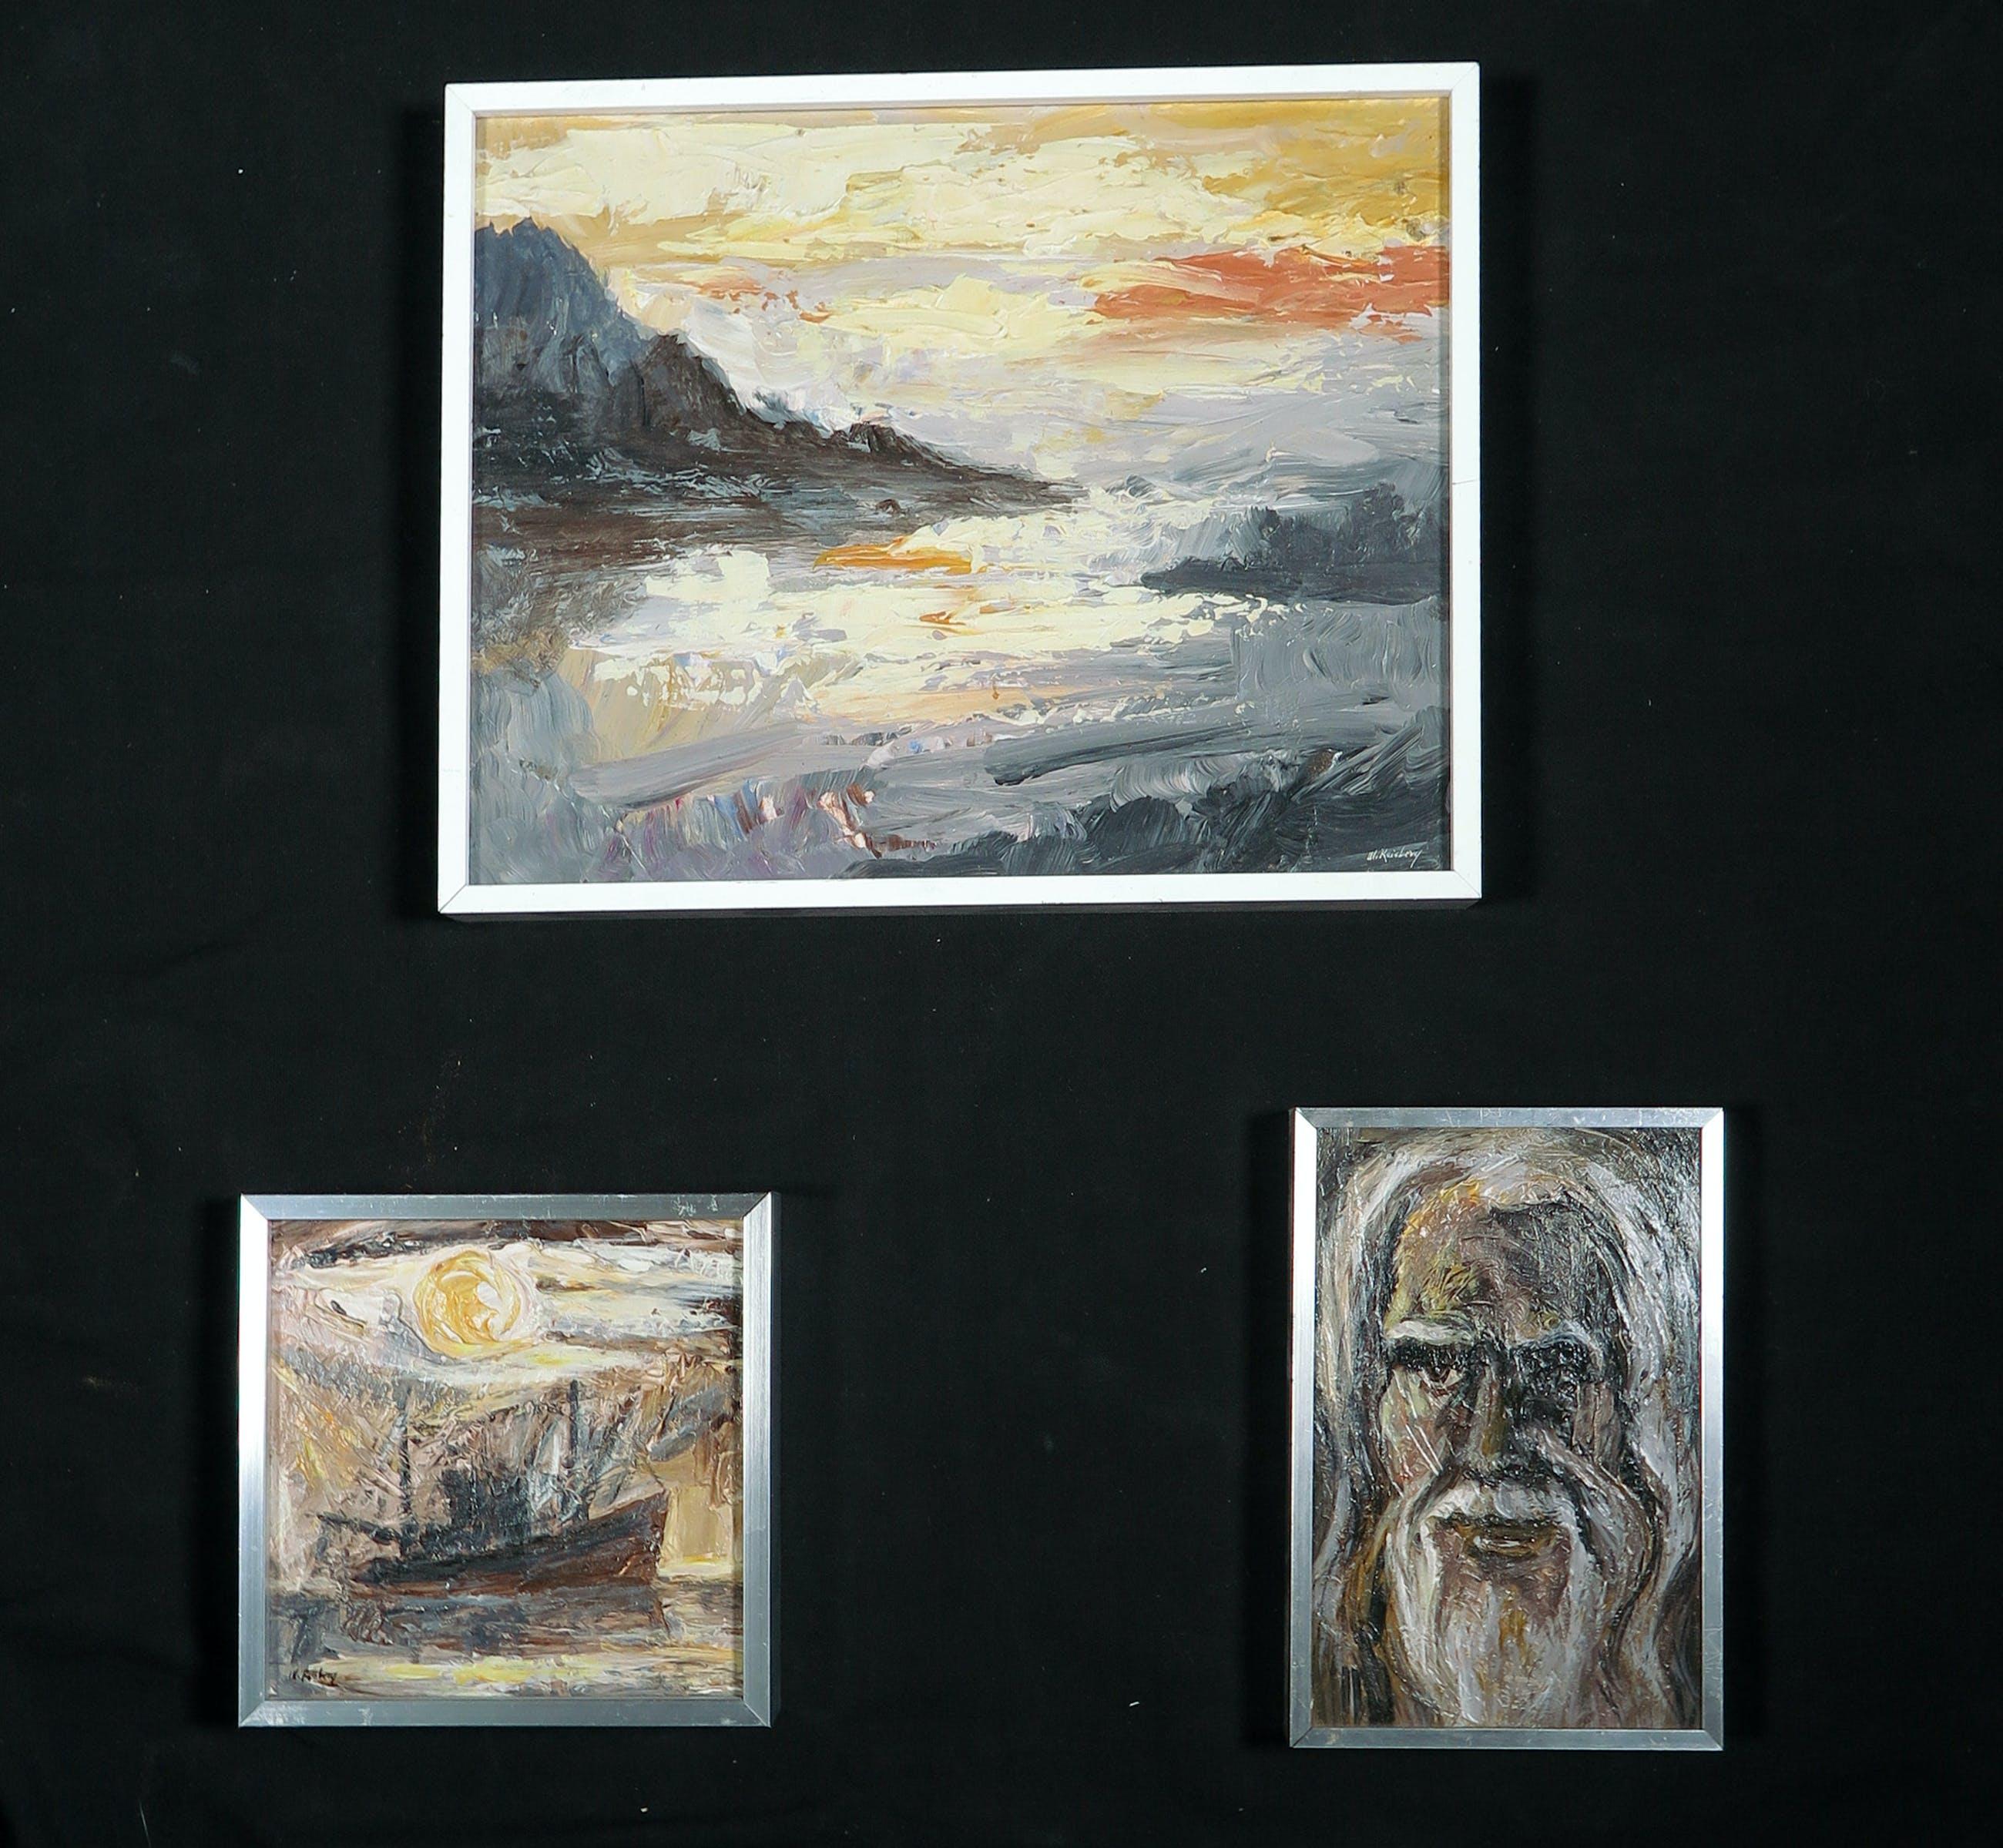 Martin Reisberg - Lot van drie werken, acryl op board- Ingelijst kopen? Bied vanaf 10!